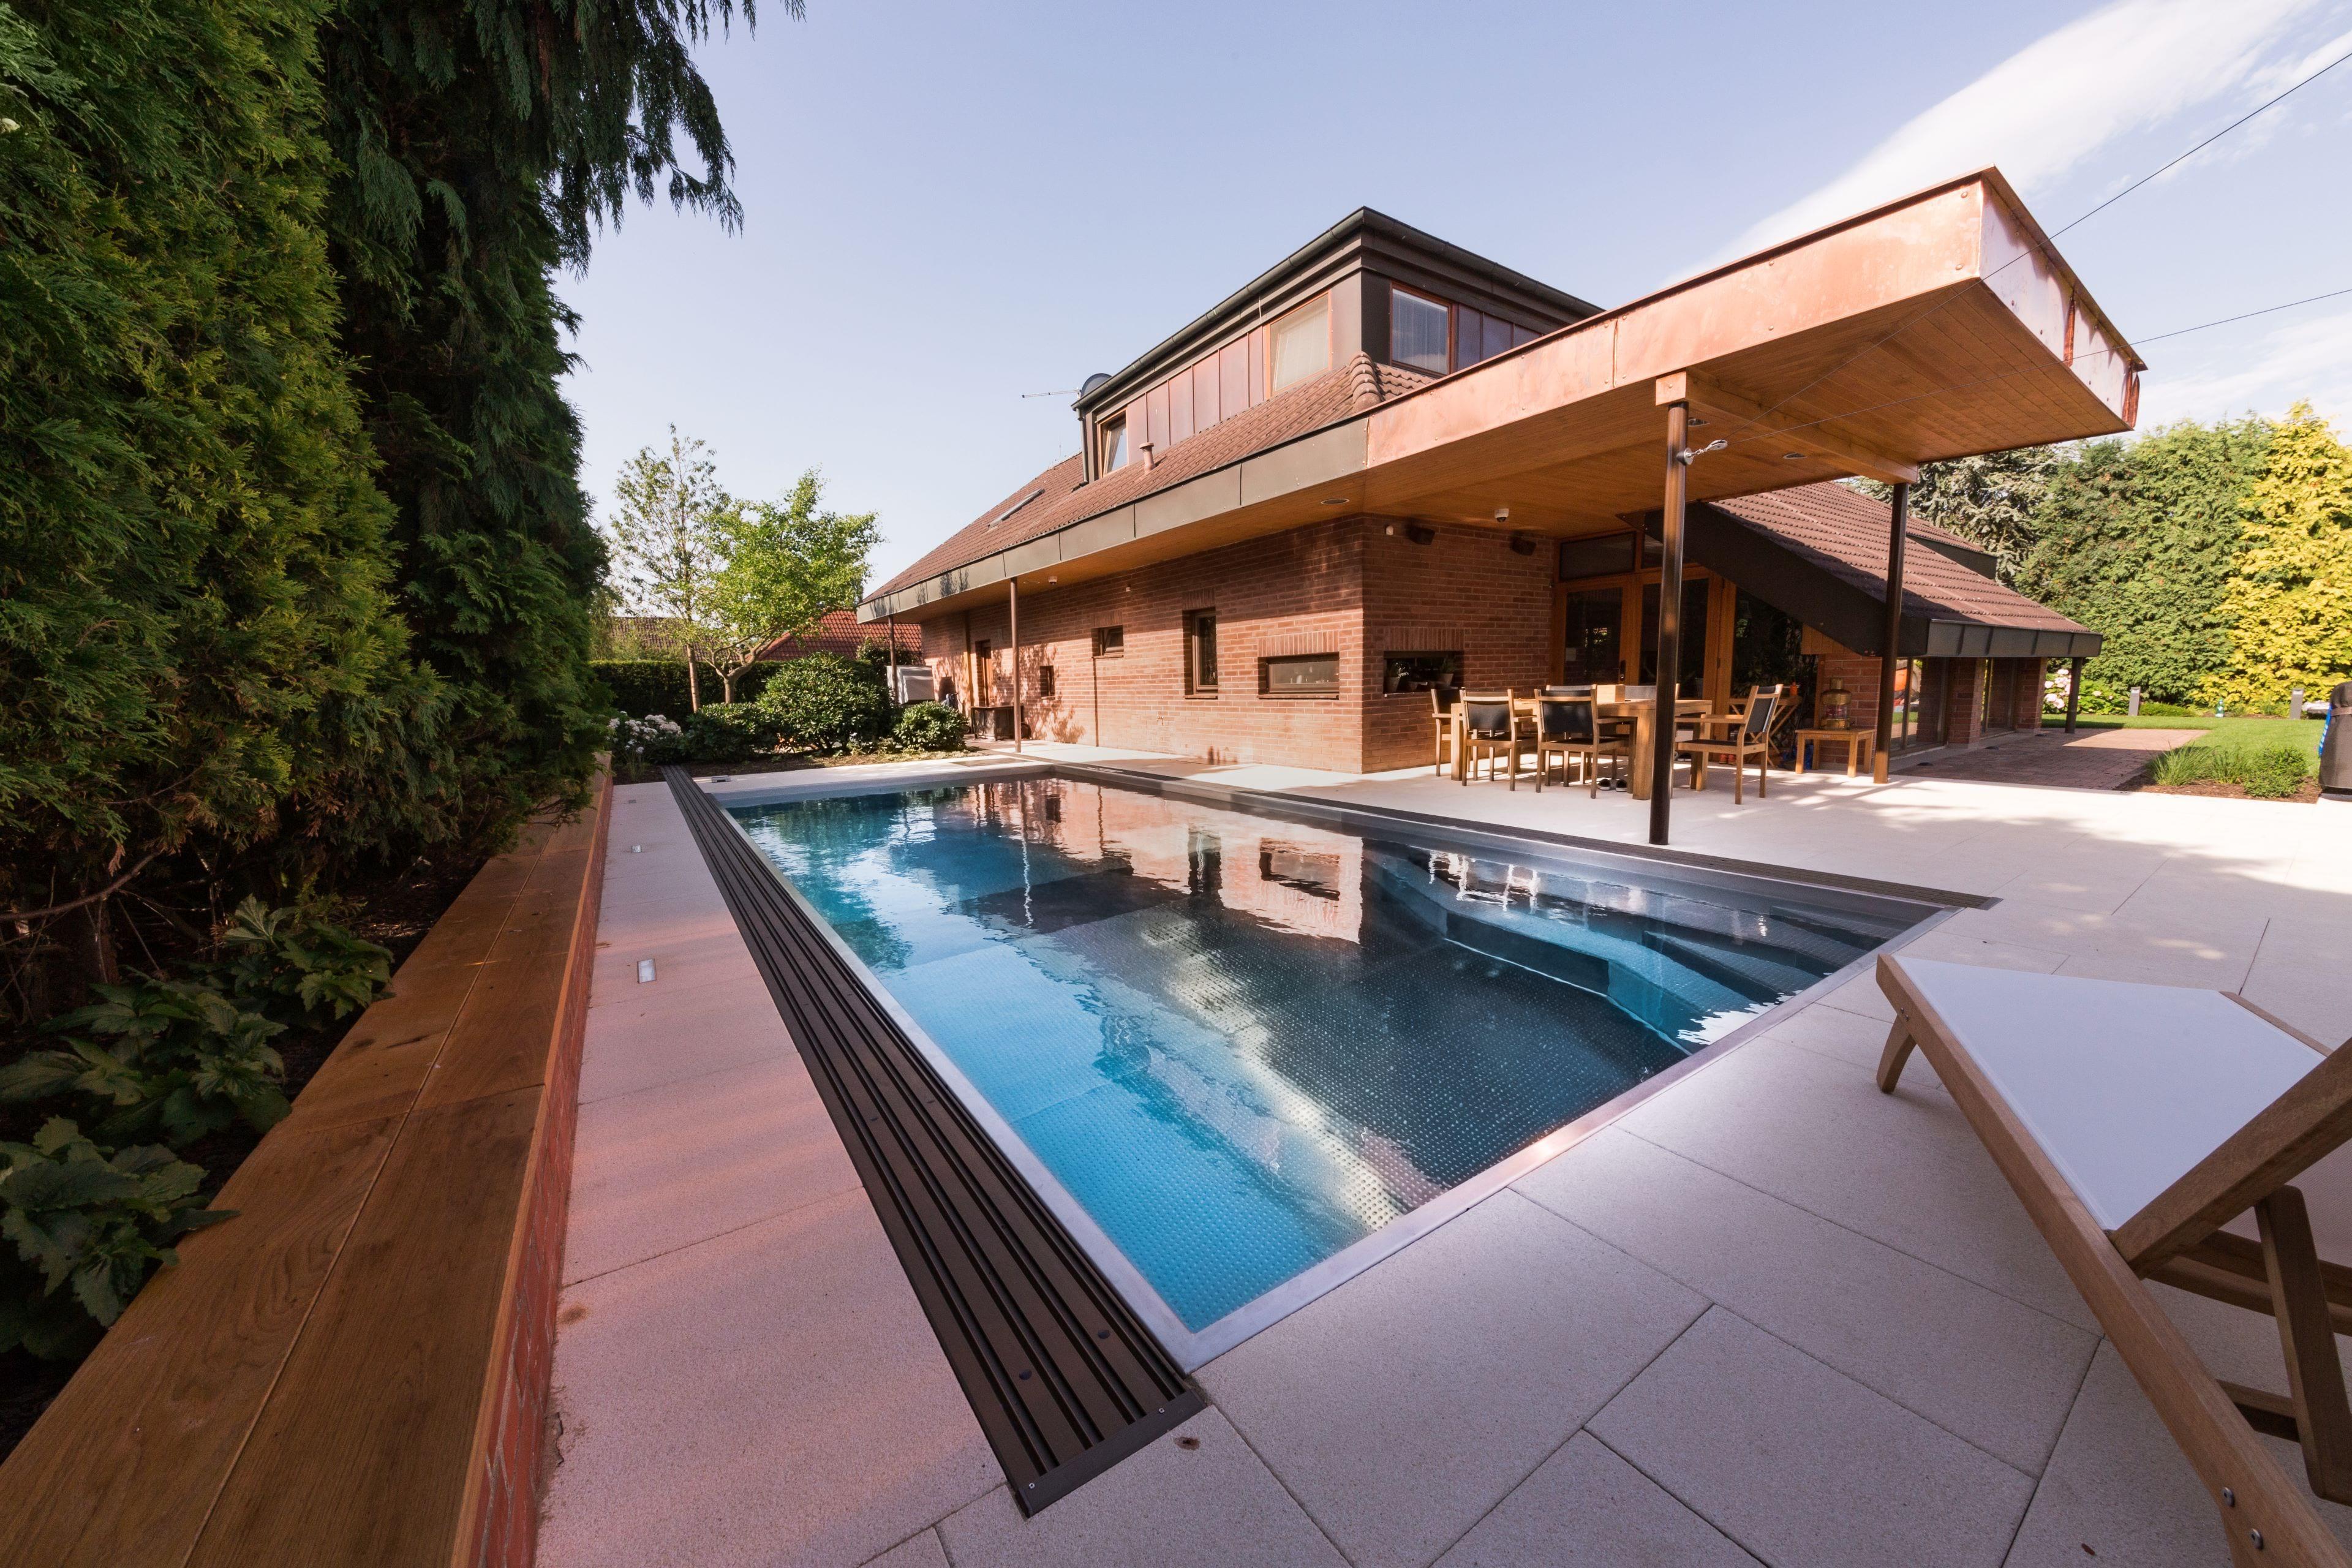 Rodinný bazén s dvěma úrovněmi dna